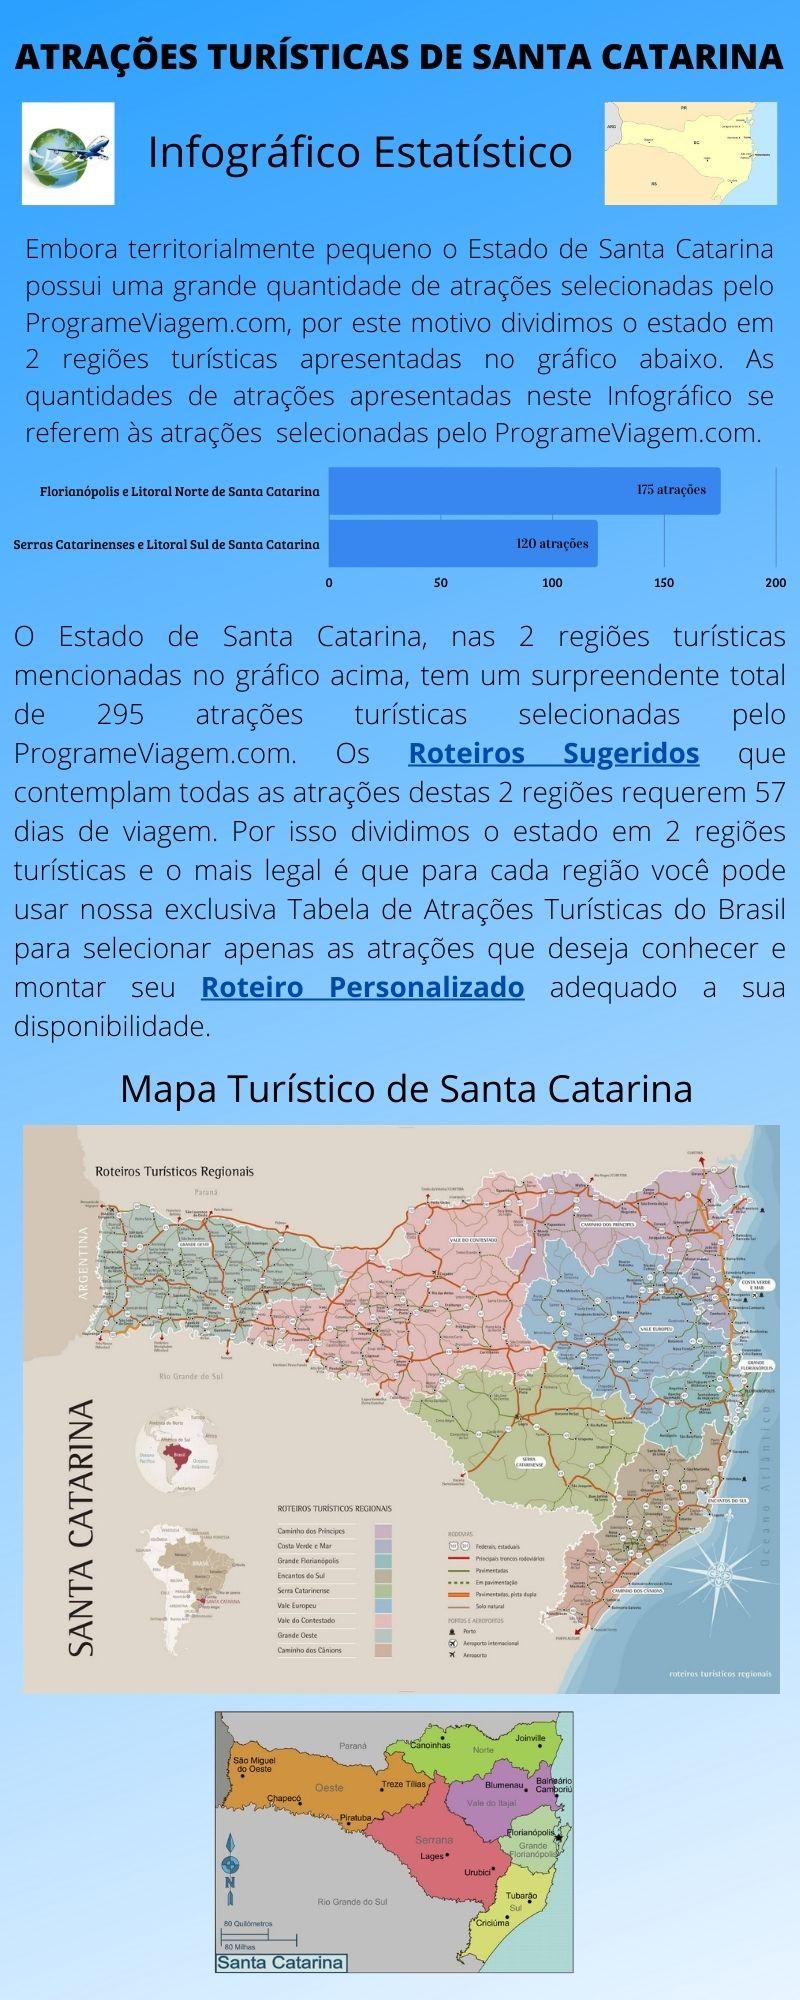 Infográfico Atrações Turísticas de Santa Catarina